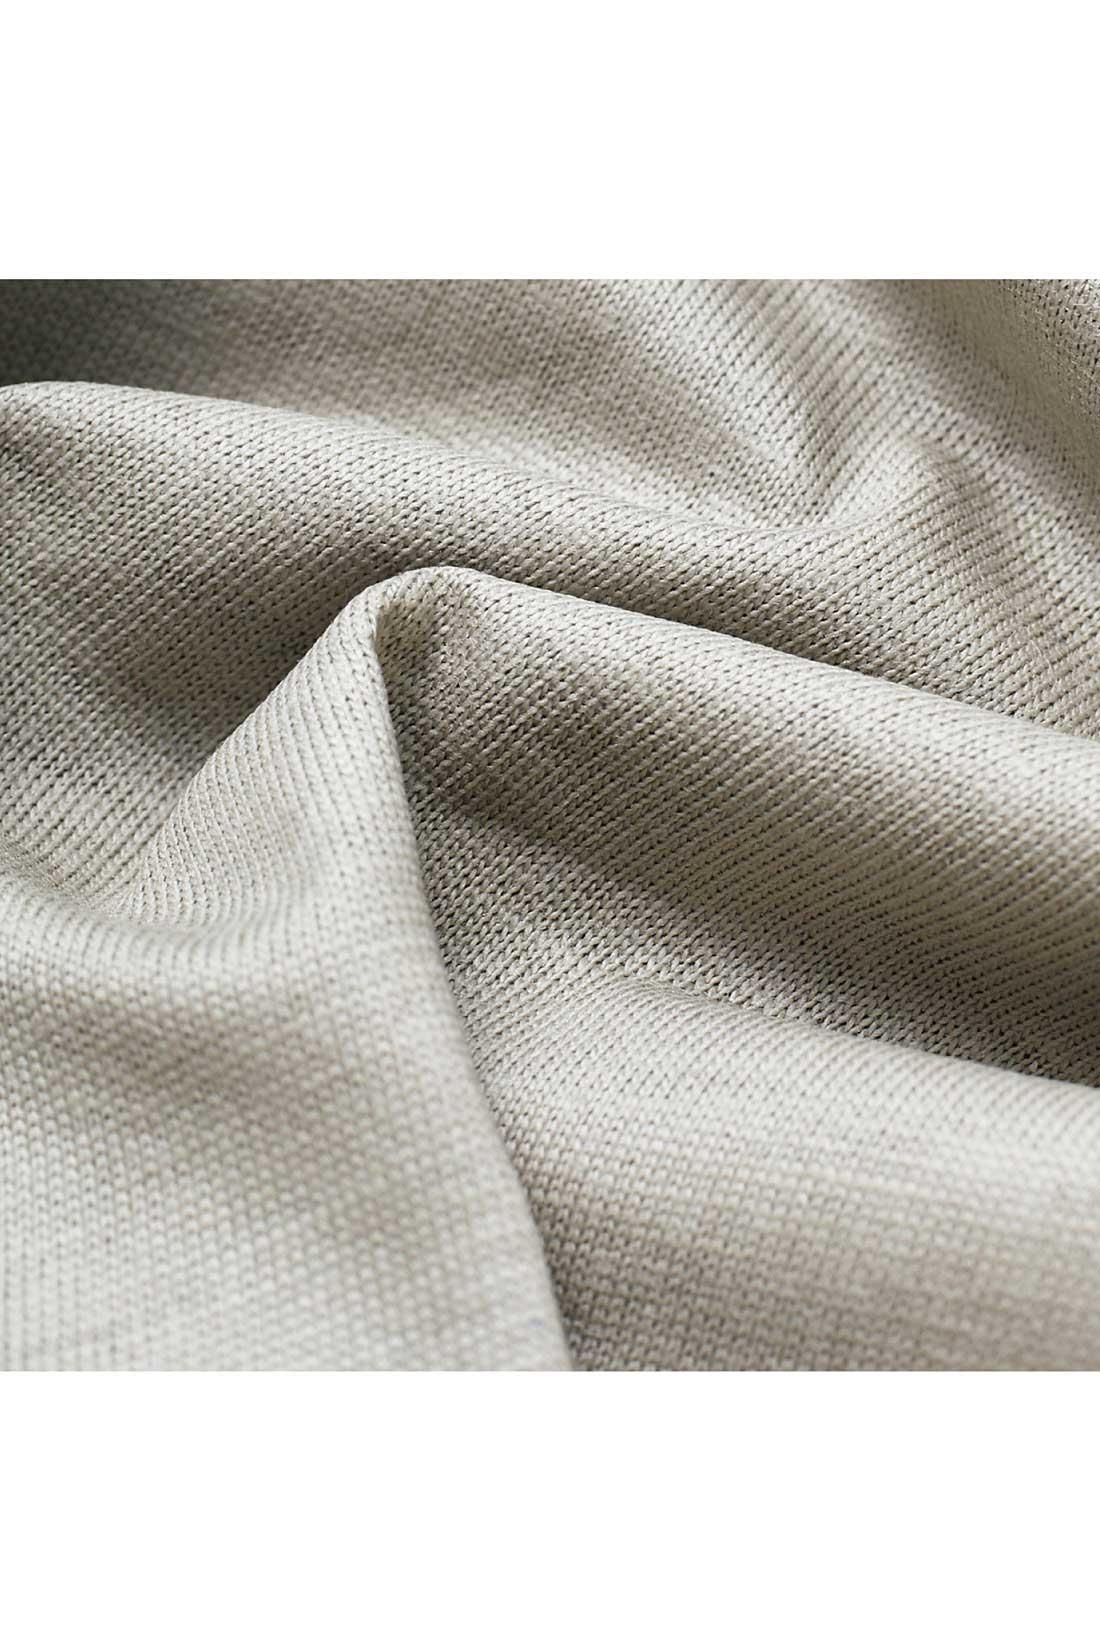 綿100%の高密度な天じく素材の表面に、ポリウレタンコーティングをほどこした張りのあるクリスピーな質感が特徴。